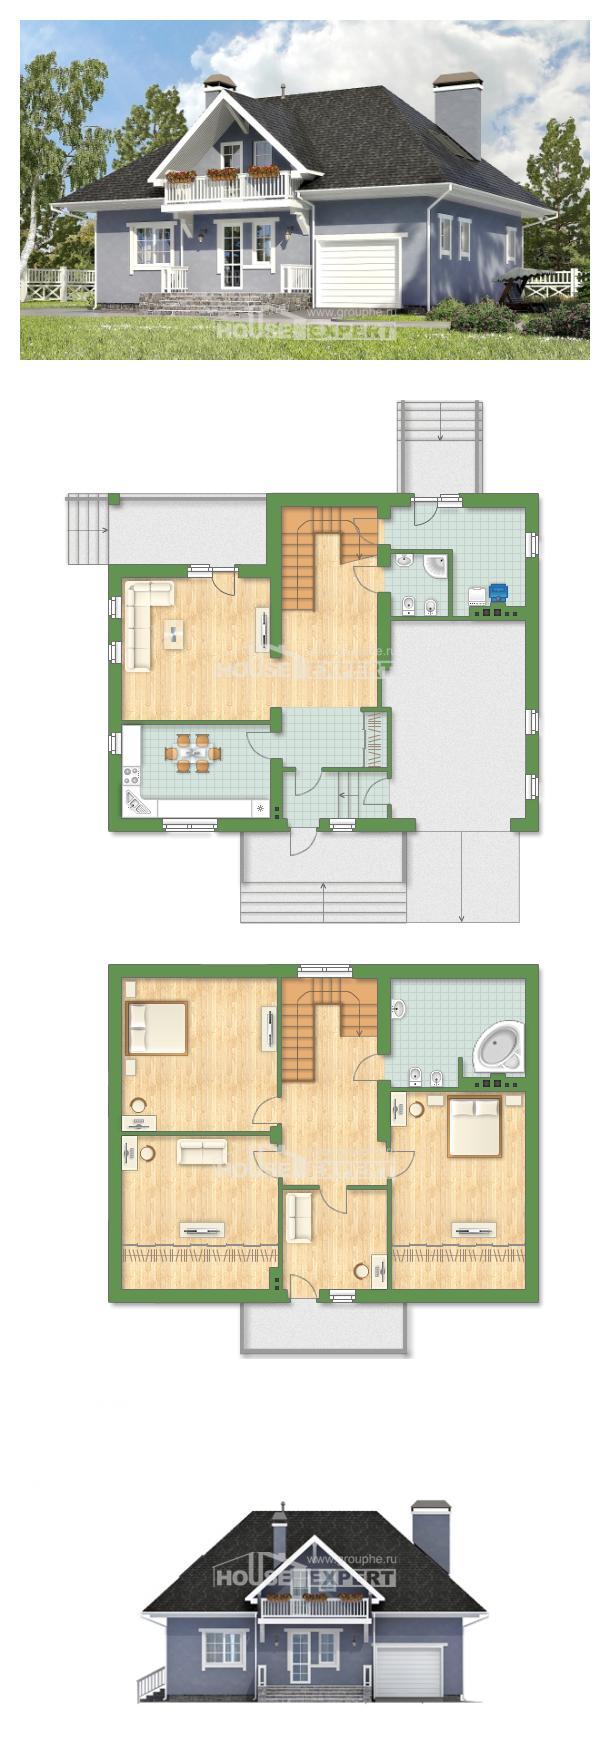 Plan 200-001-R | House Expert